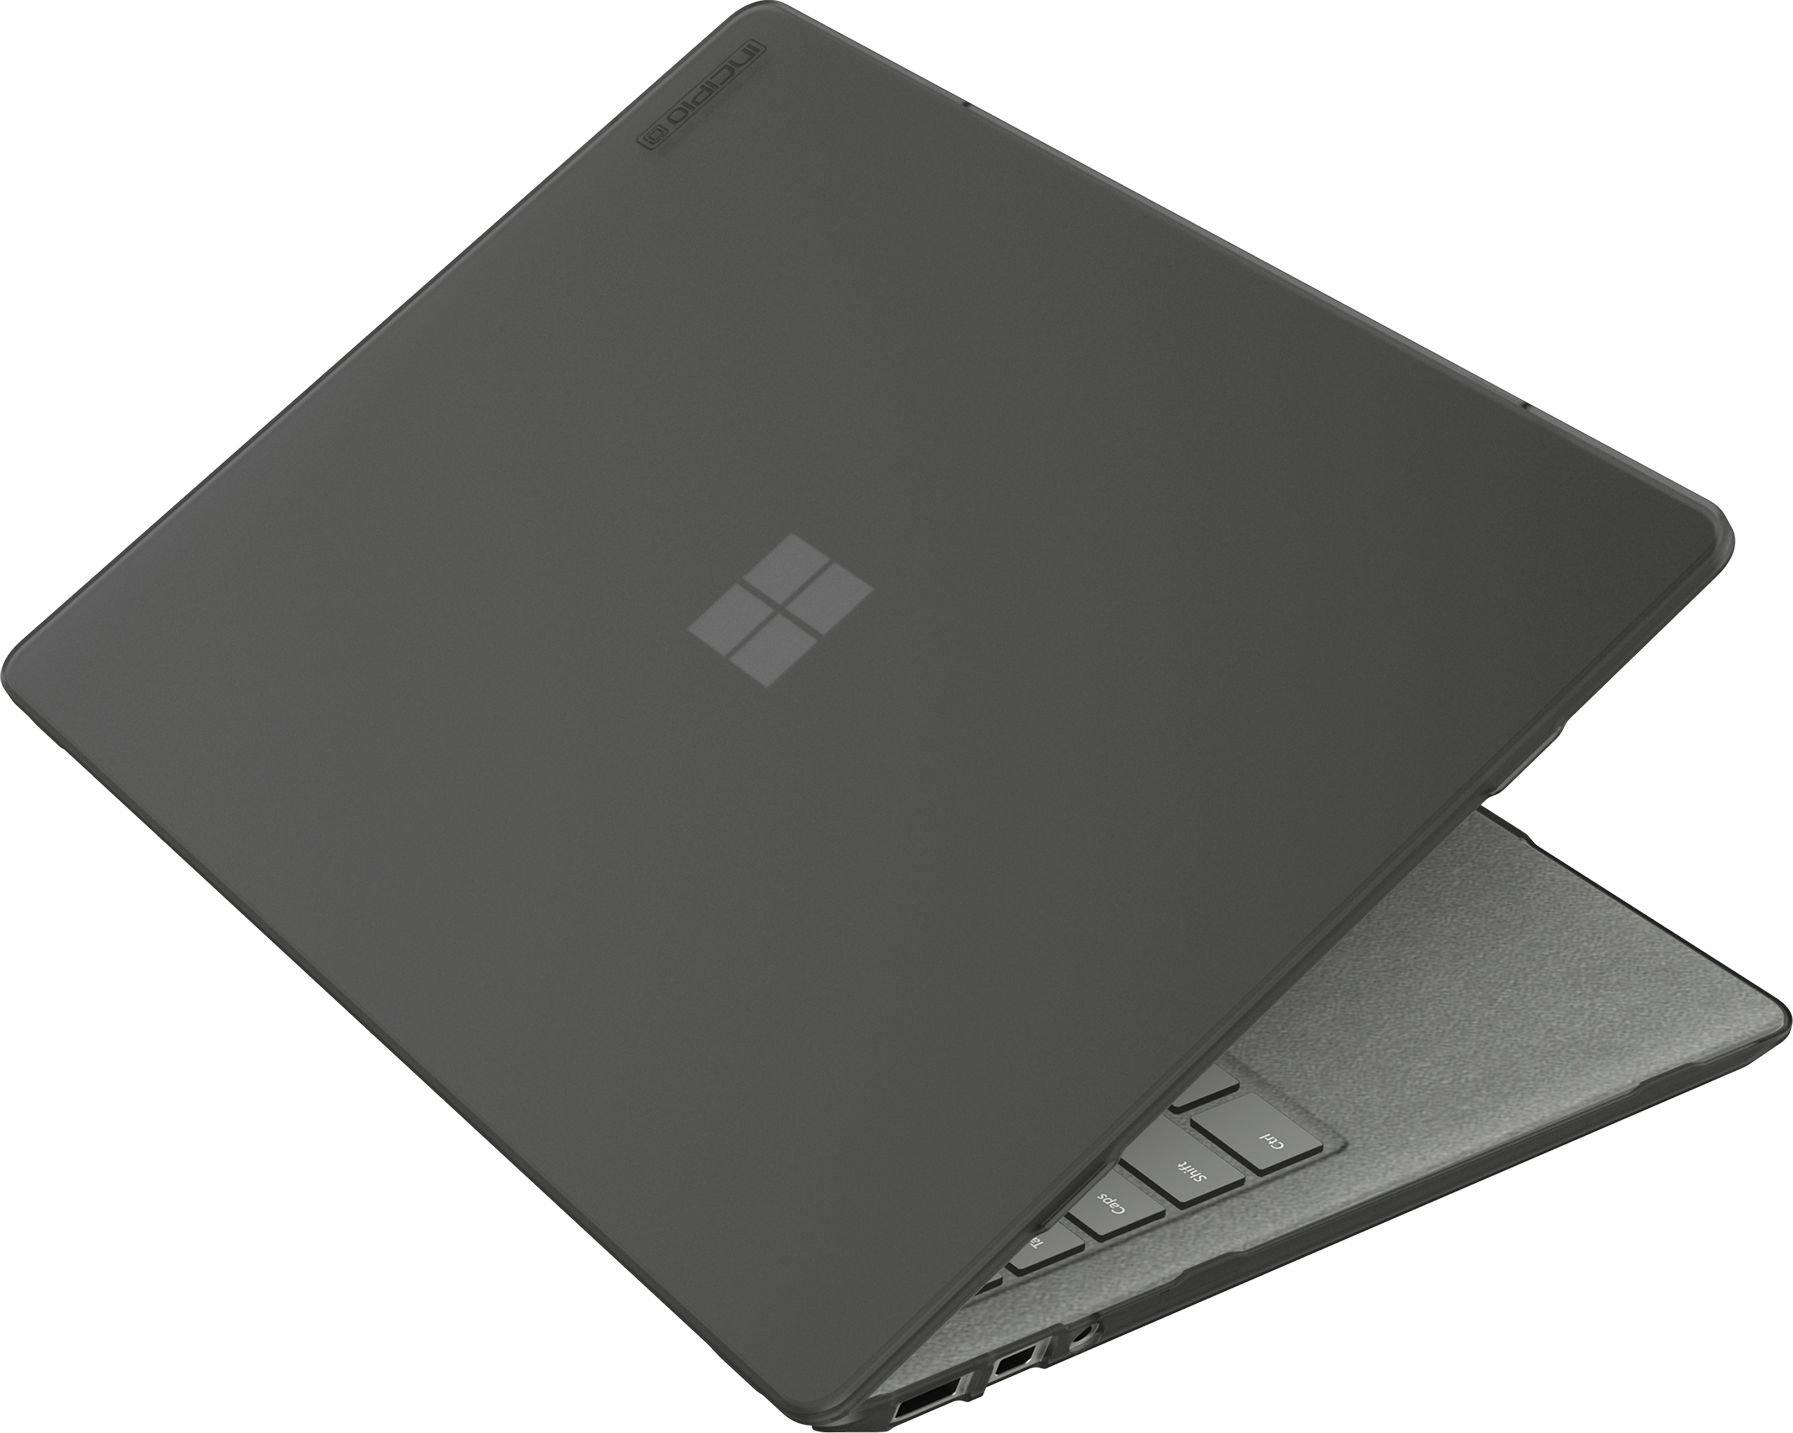 このMicrosoft Surfaceラップトップ用Incipioシェル - マイクロソフト認定[小型&薄型滑り止め足ソフト] - タッチコーティング]  - スモーク0